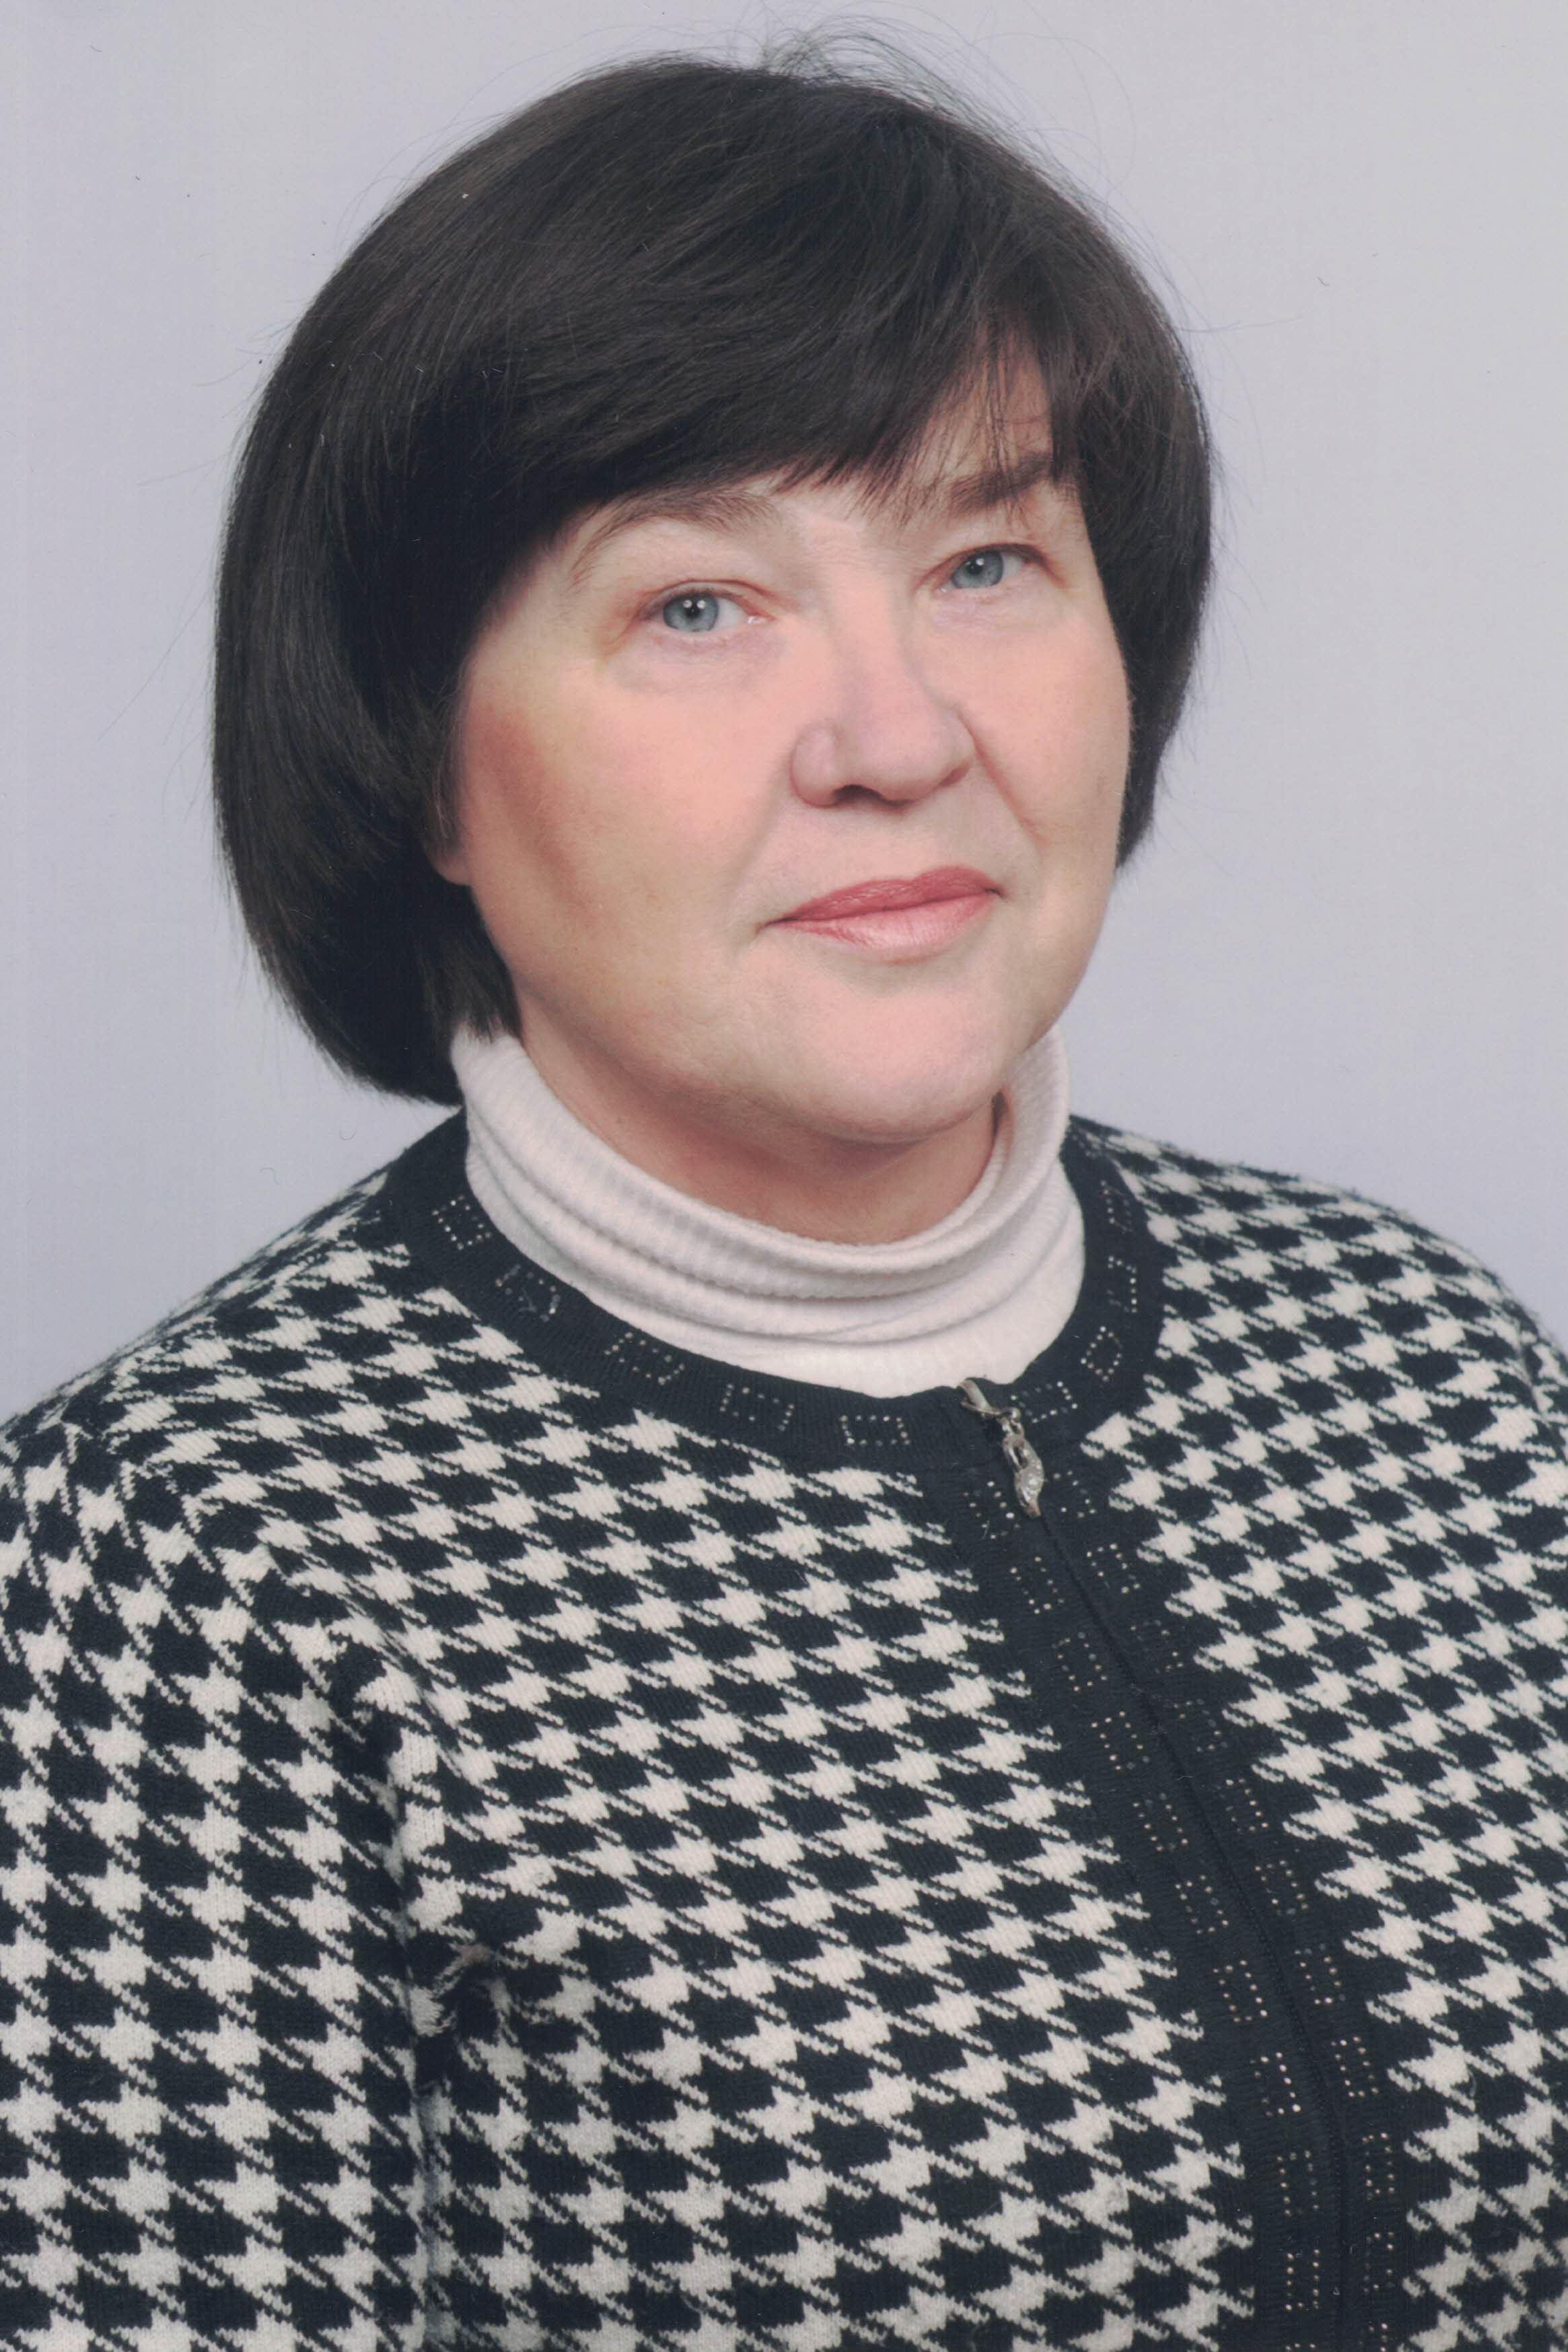 Потієнко Валентина Олександрівна